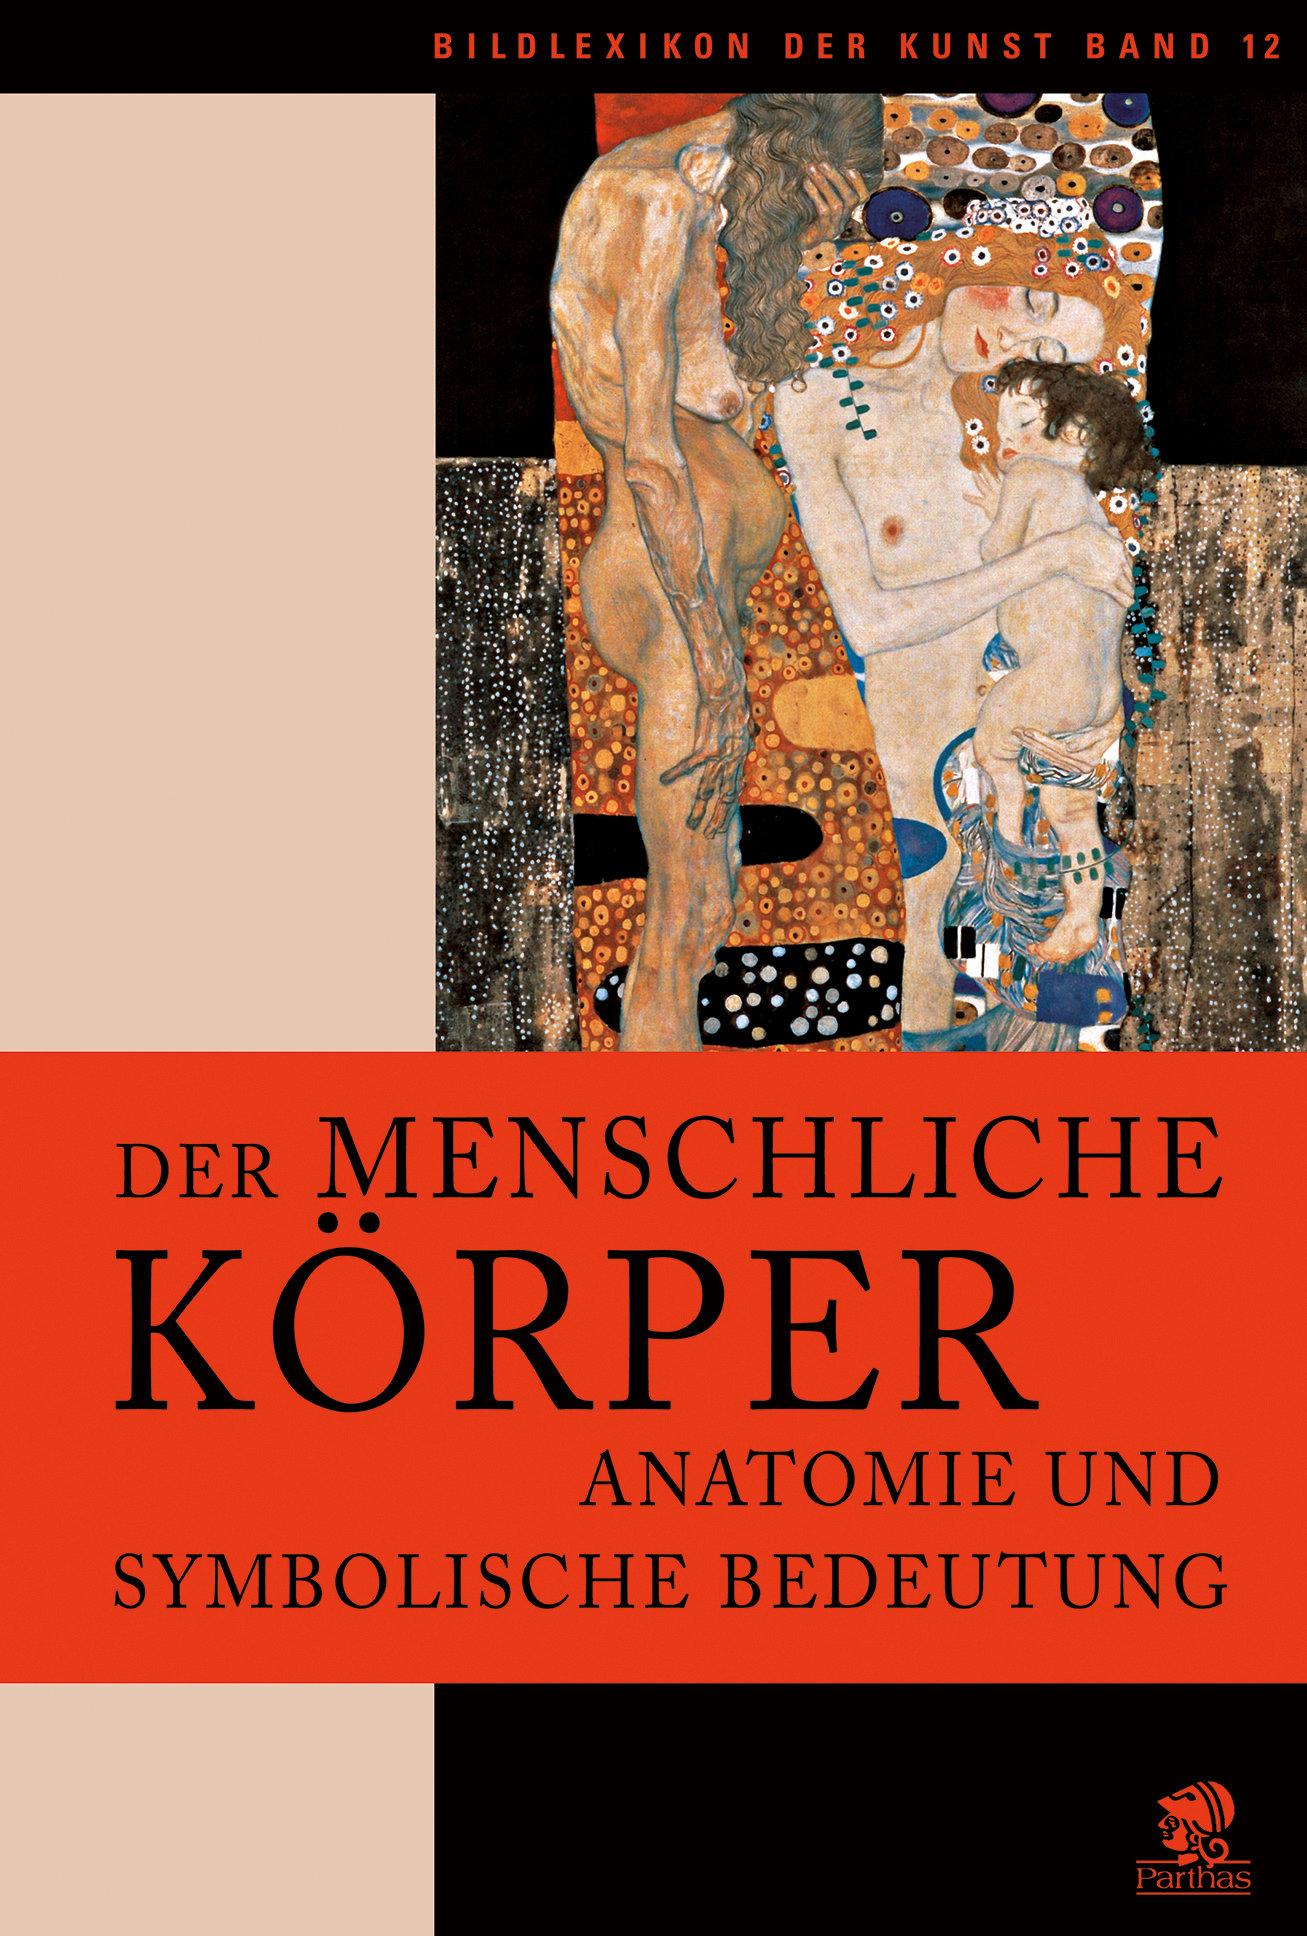 Der menschliche Körper, Anatomie und symbolische Bedeutung-158 ...